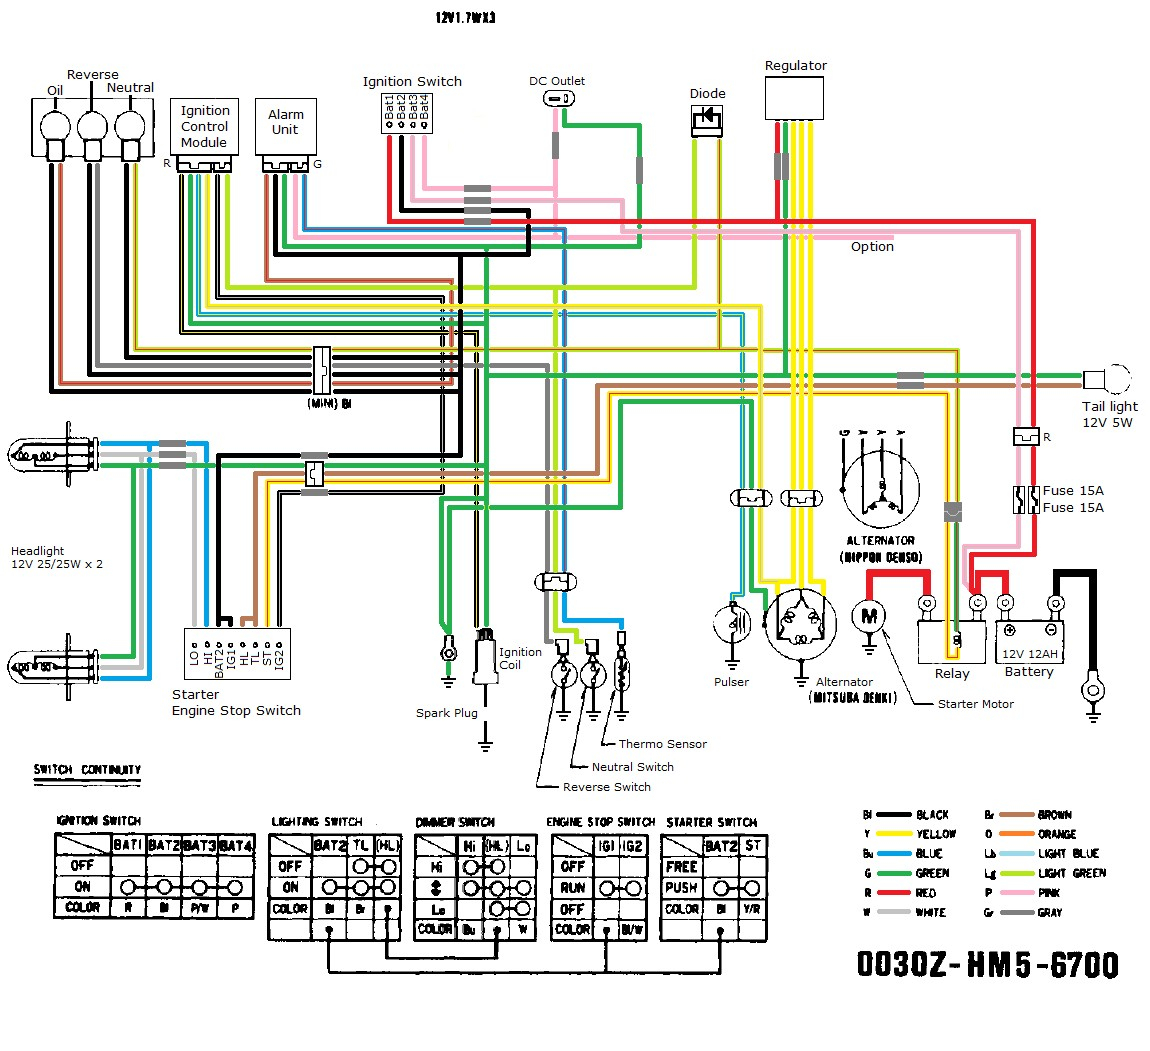 110Cc Atv Wiring Switch | Schematic Diagram - Taotao 110Cc Atv Wiring Diagram